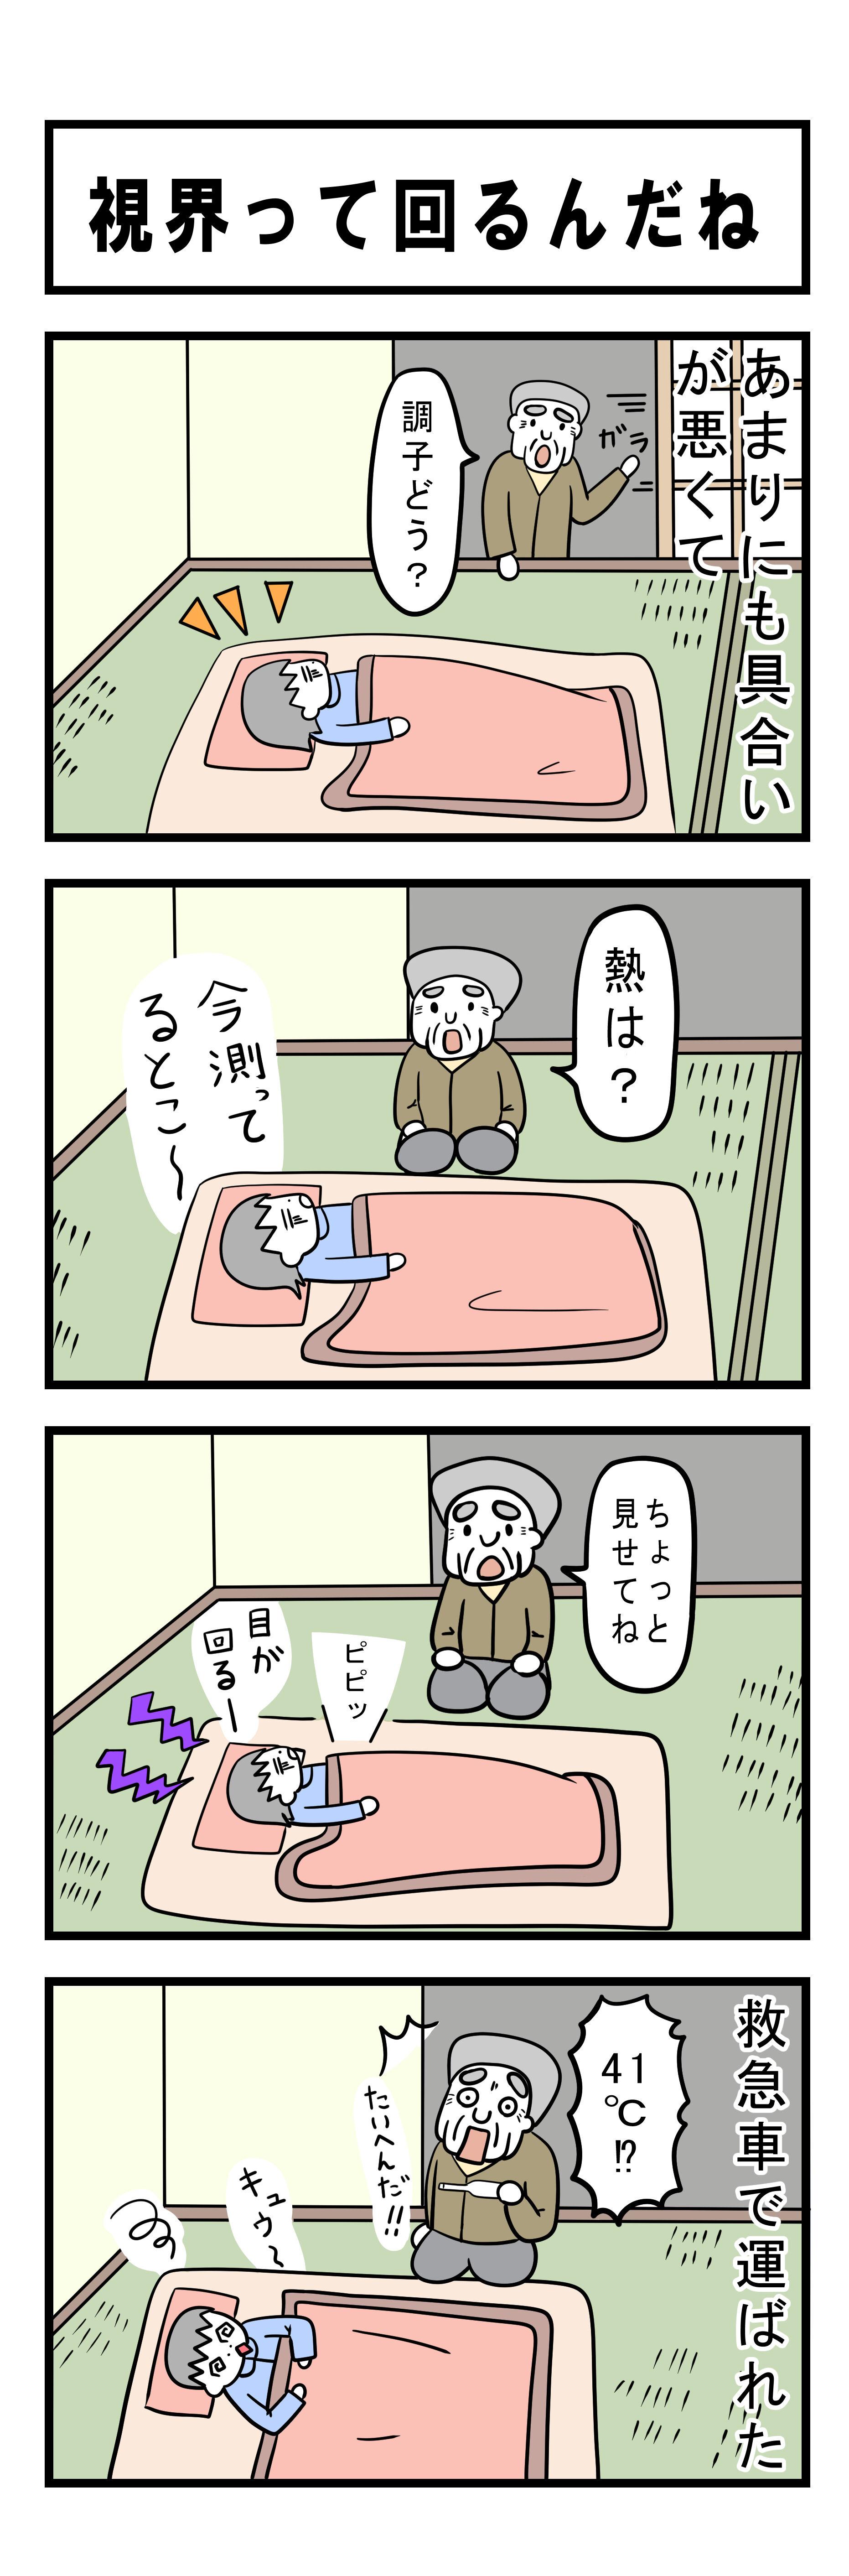 236話 【父は日本人 母は原住民族】